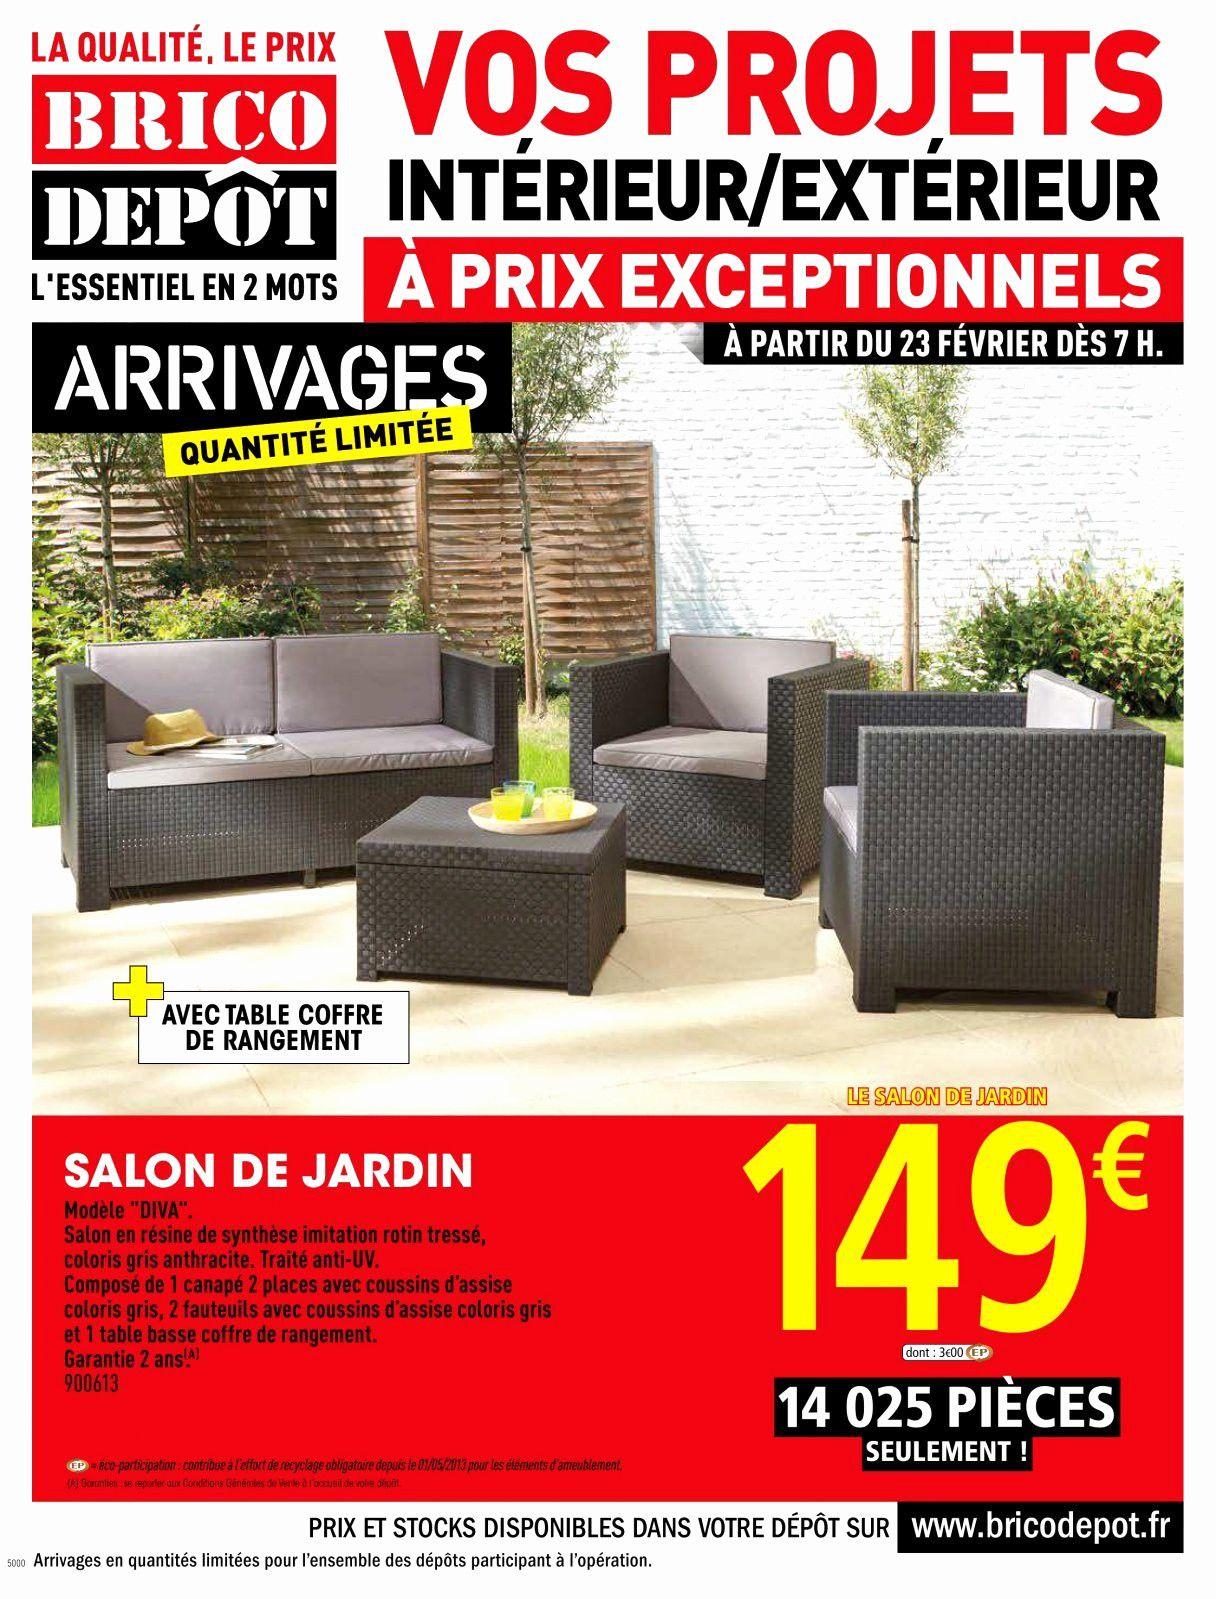 Unique Promo Salon De Jardin Brico Depot Salon De Jardin Pour Moquette Pas Cher Brico Depot Agencecormierdelauniere Com Agencecormierdelauniere Com